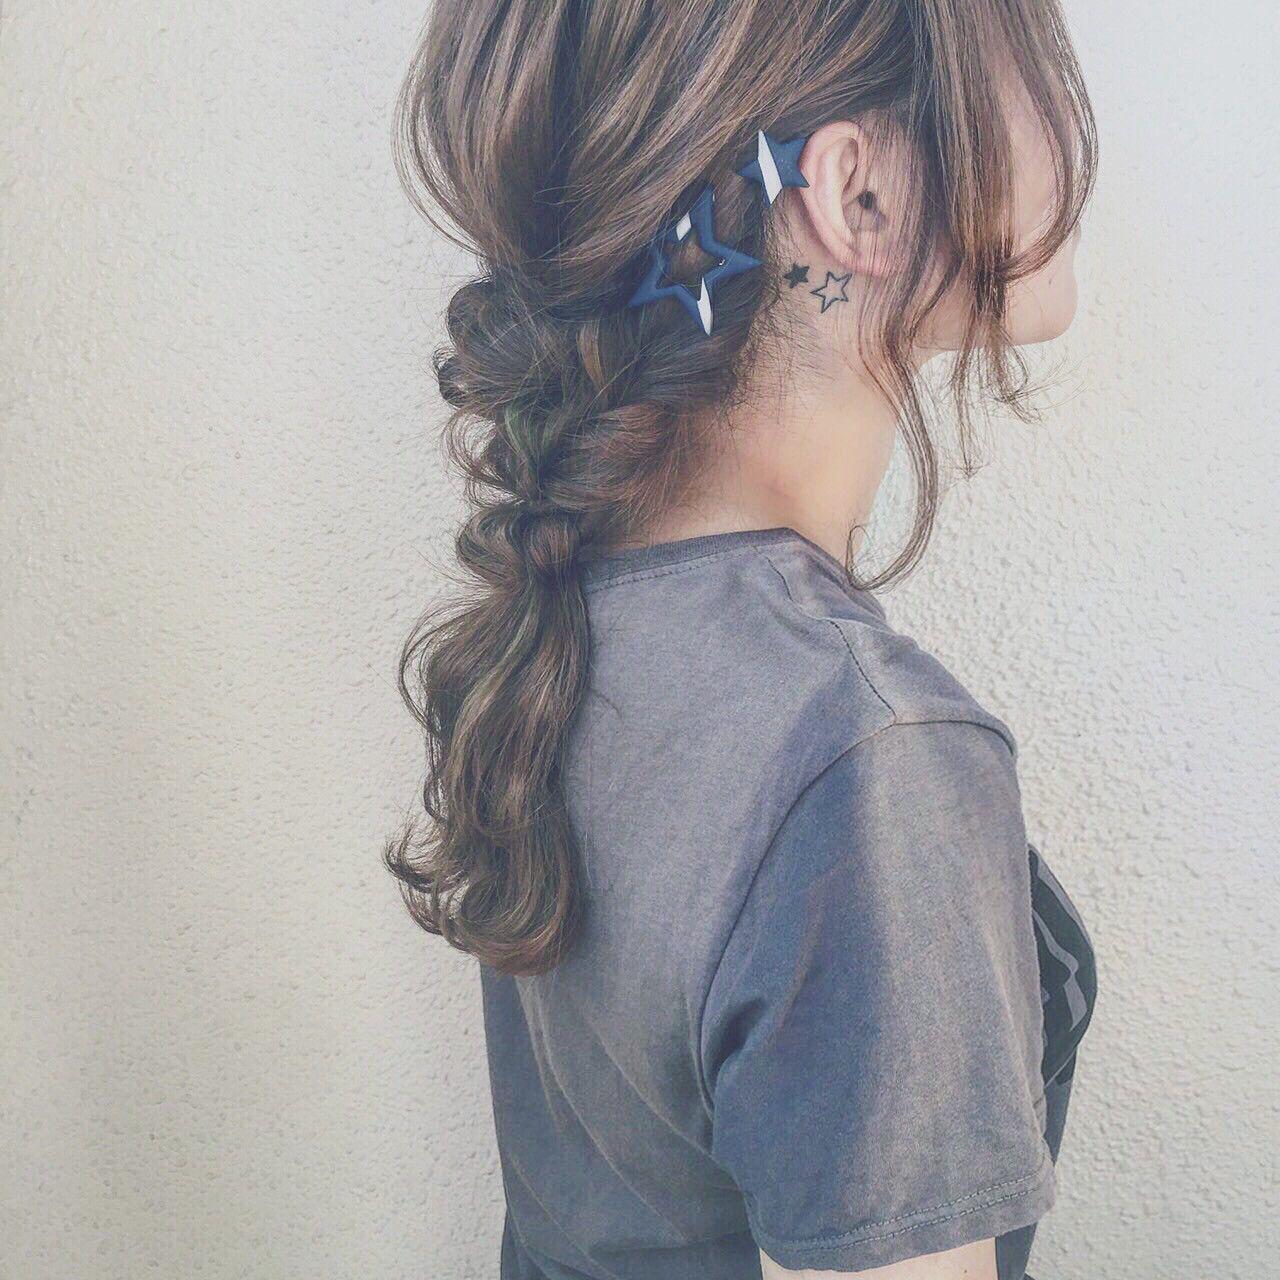 髪型別《簡単ヘアアレンジやり方入門編》かわいい髪型講座開講です♡の33枚目の画像